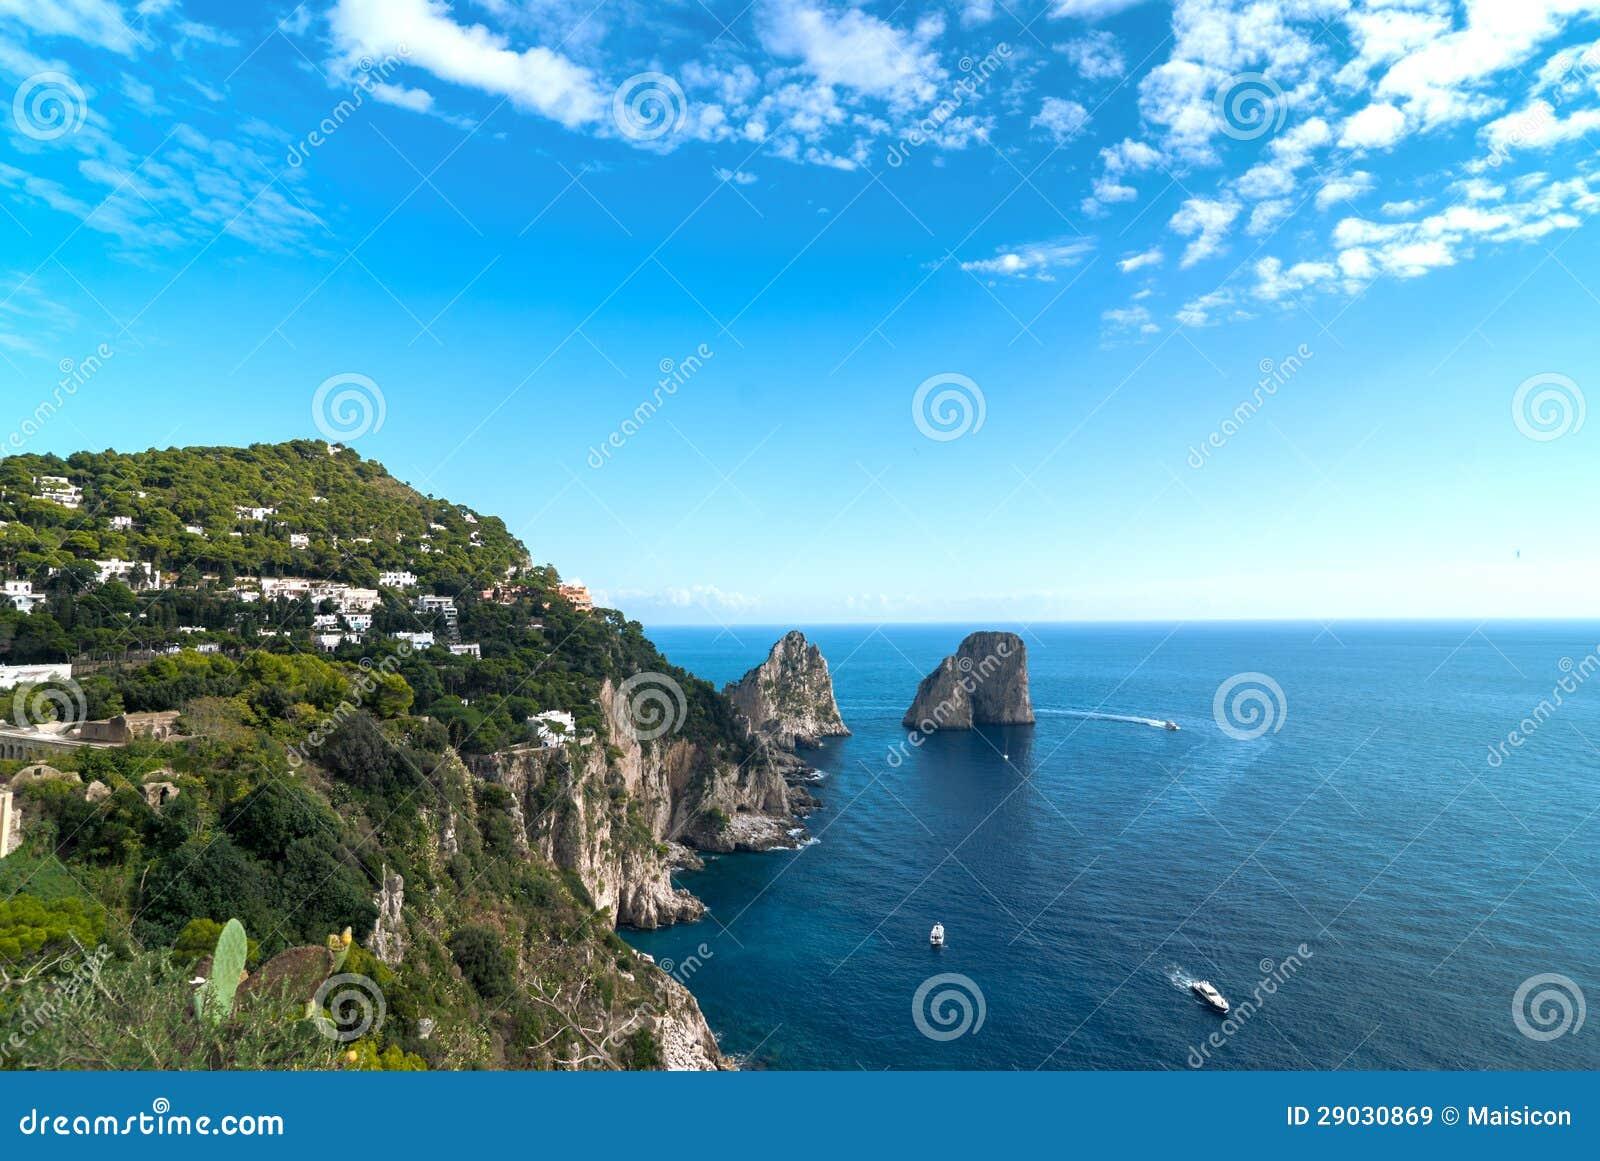 Capri, Italie.